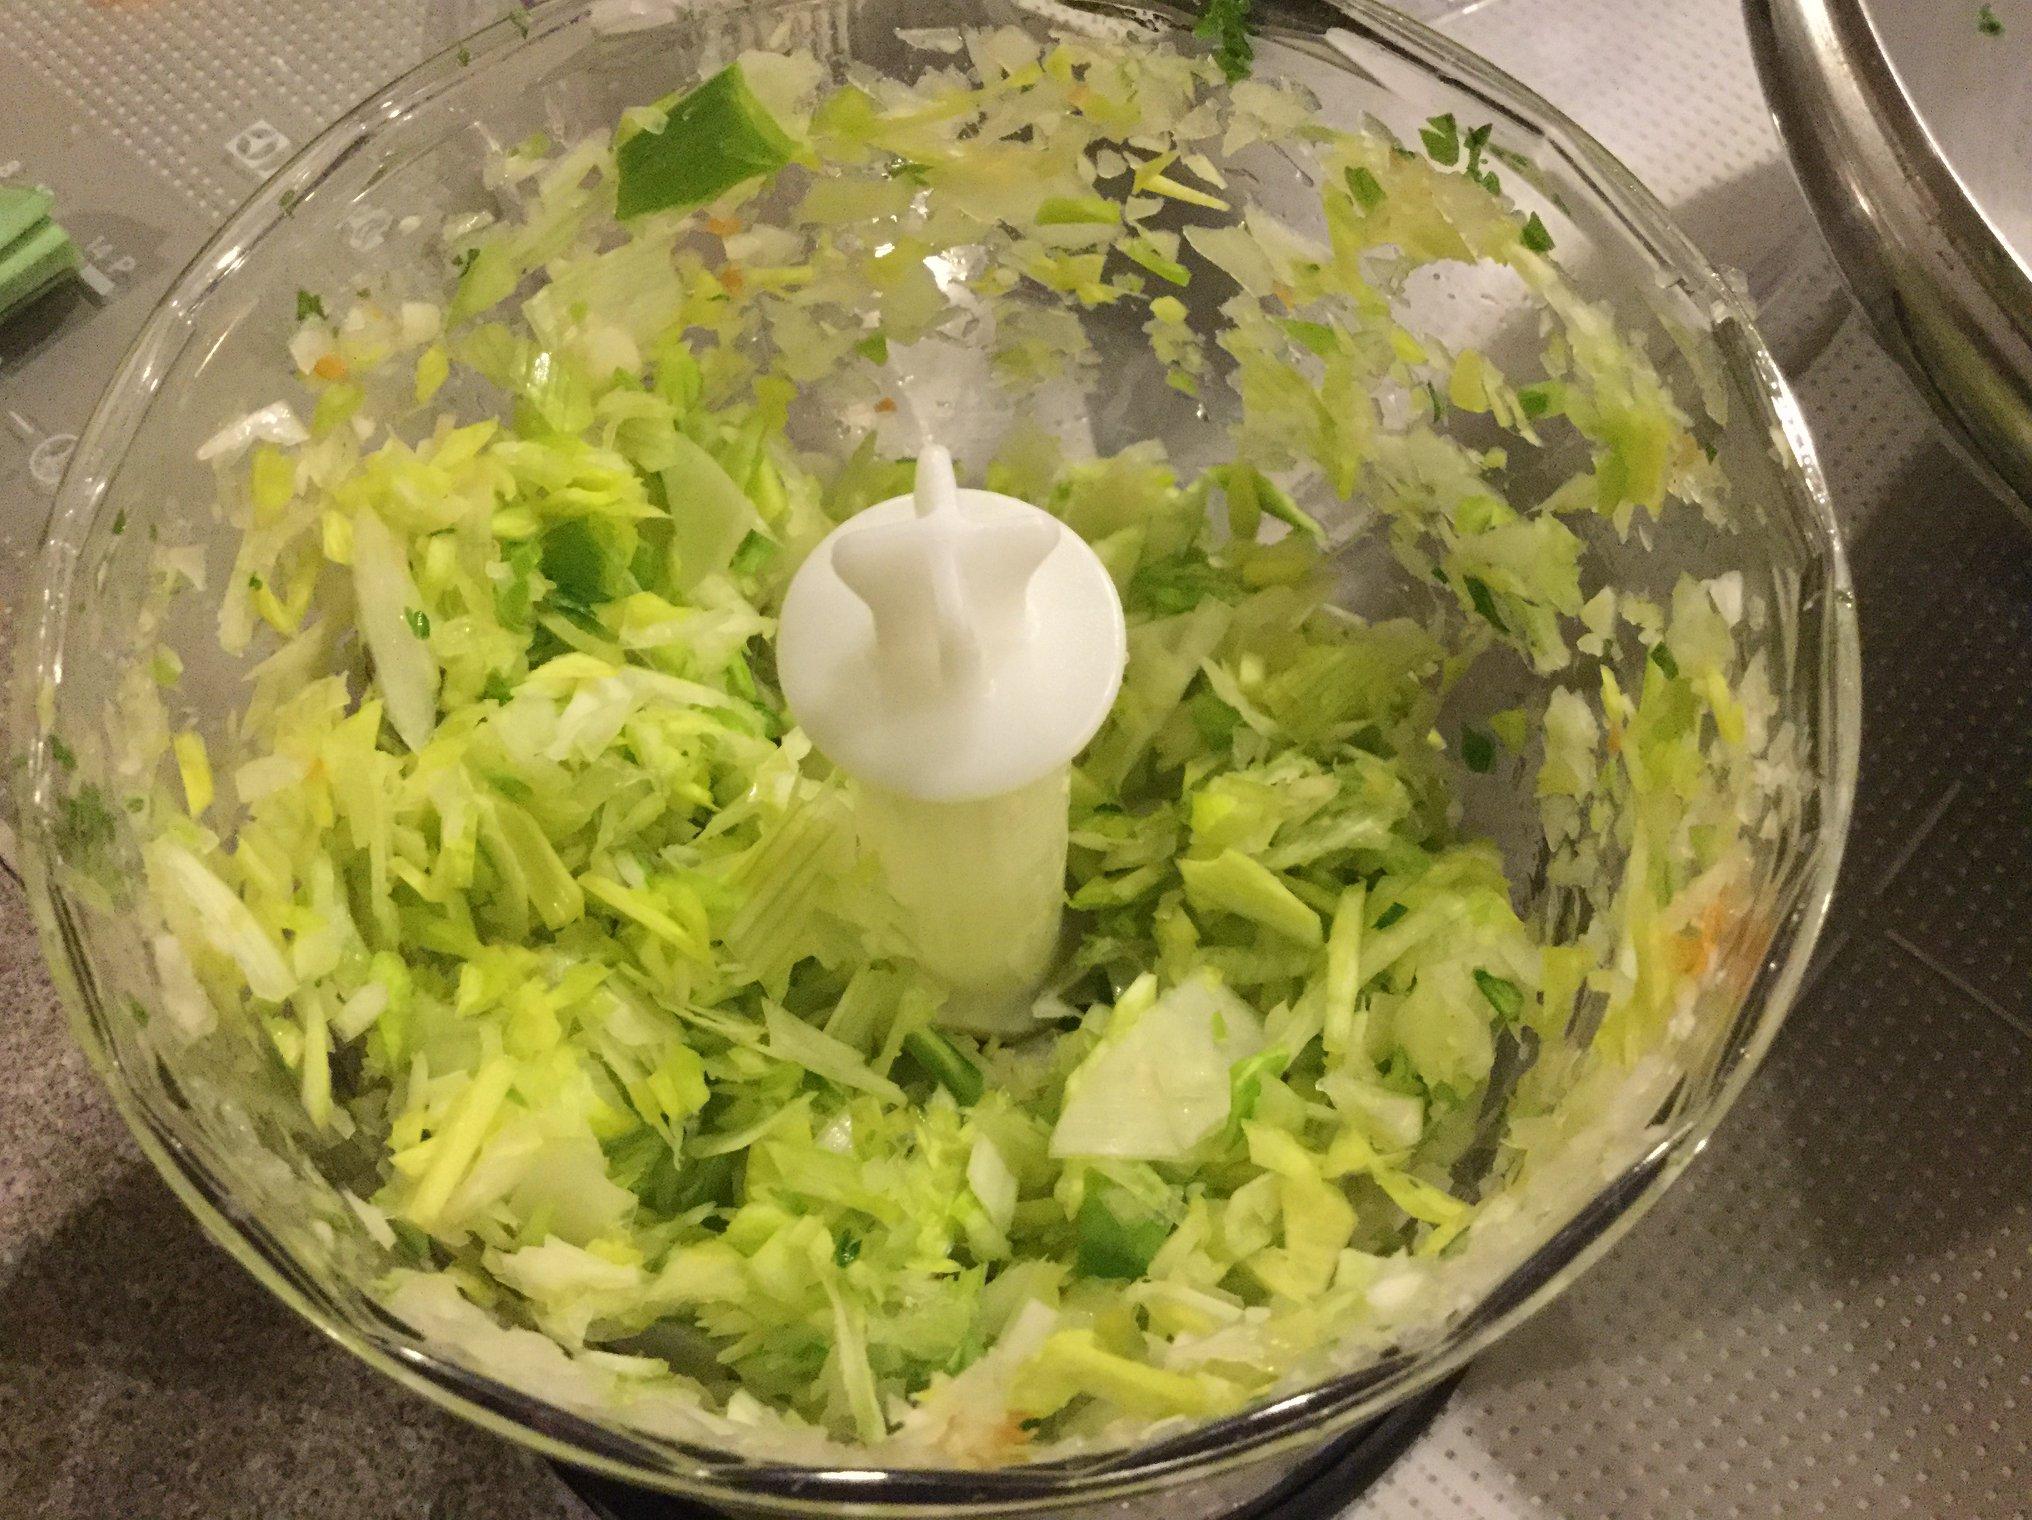 Gemüsepulver als Gemüsebrühen Ersatz ohne Salz selber machen